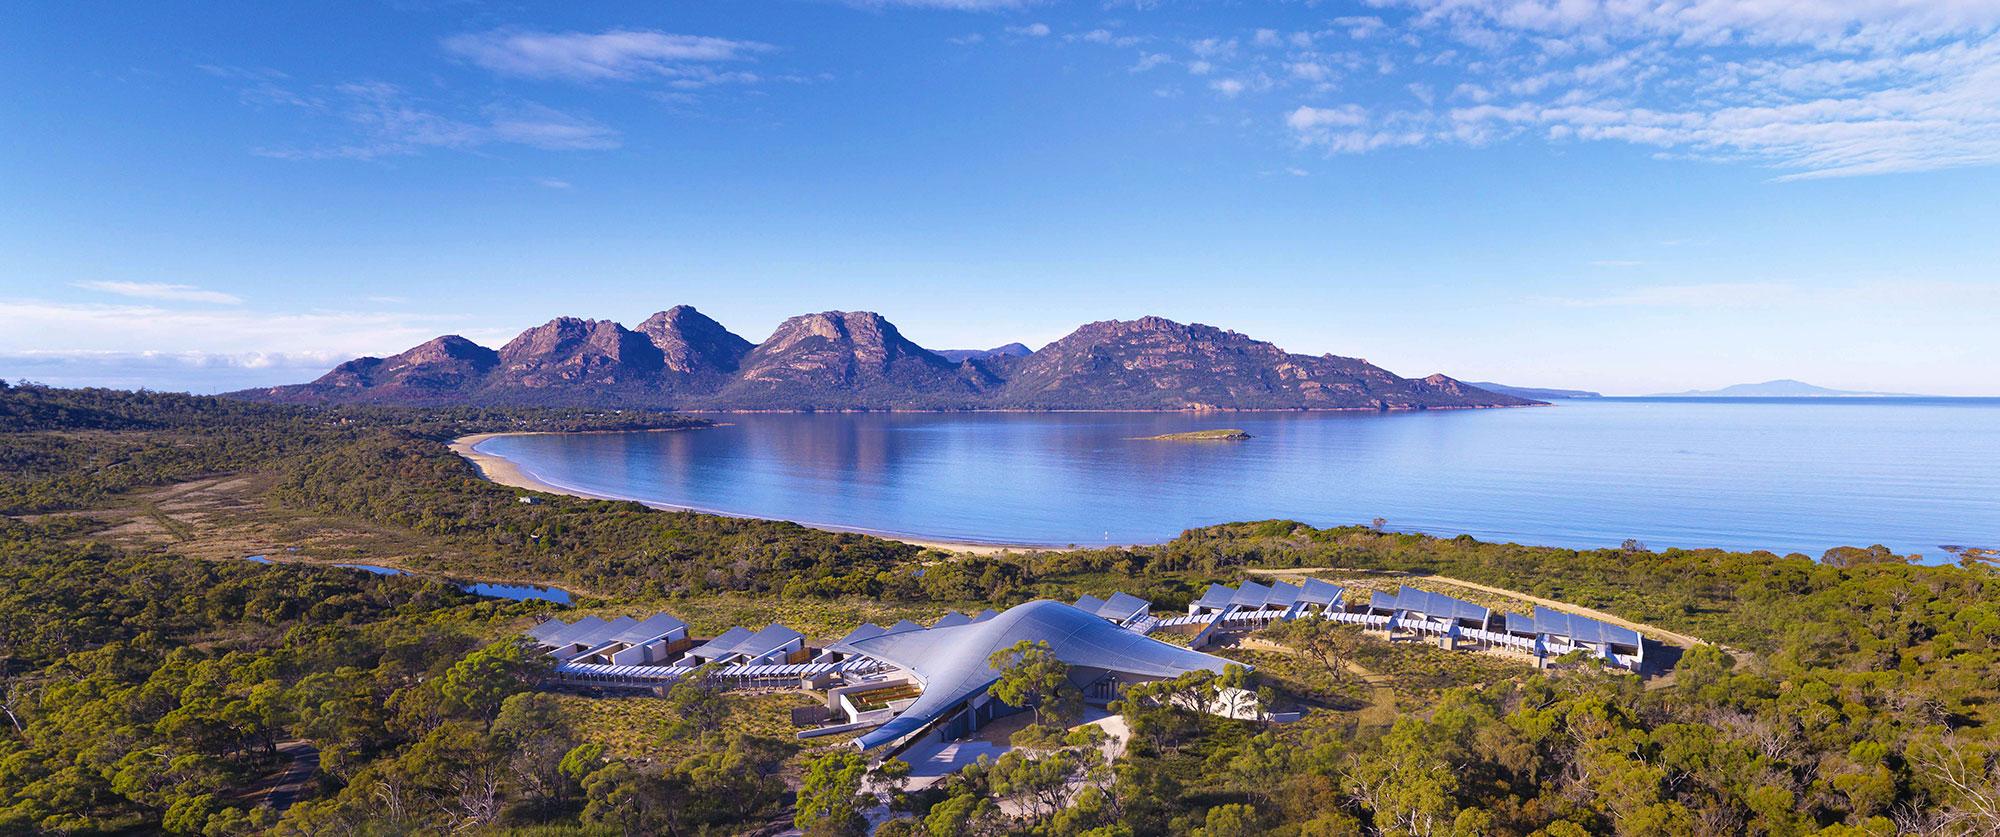 Tasmania | Coles Bay